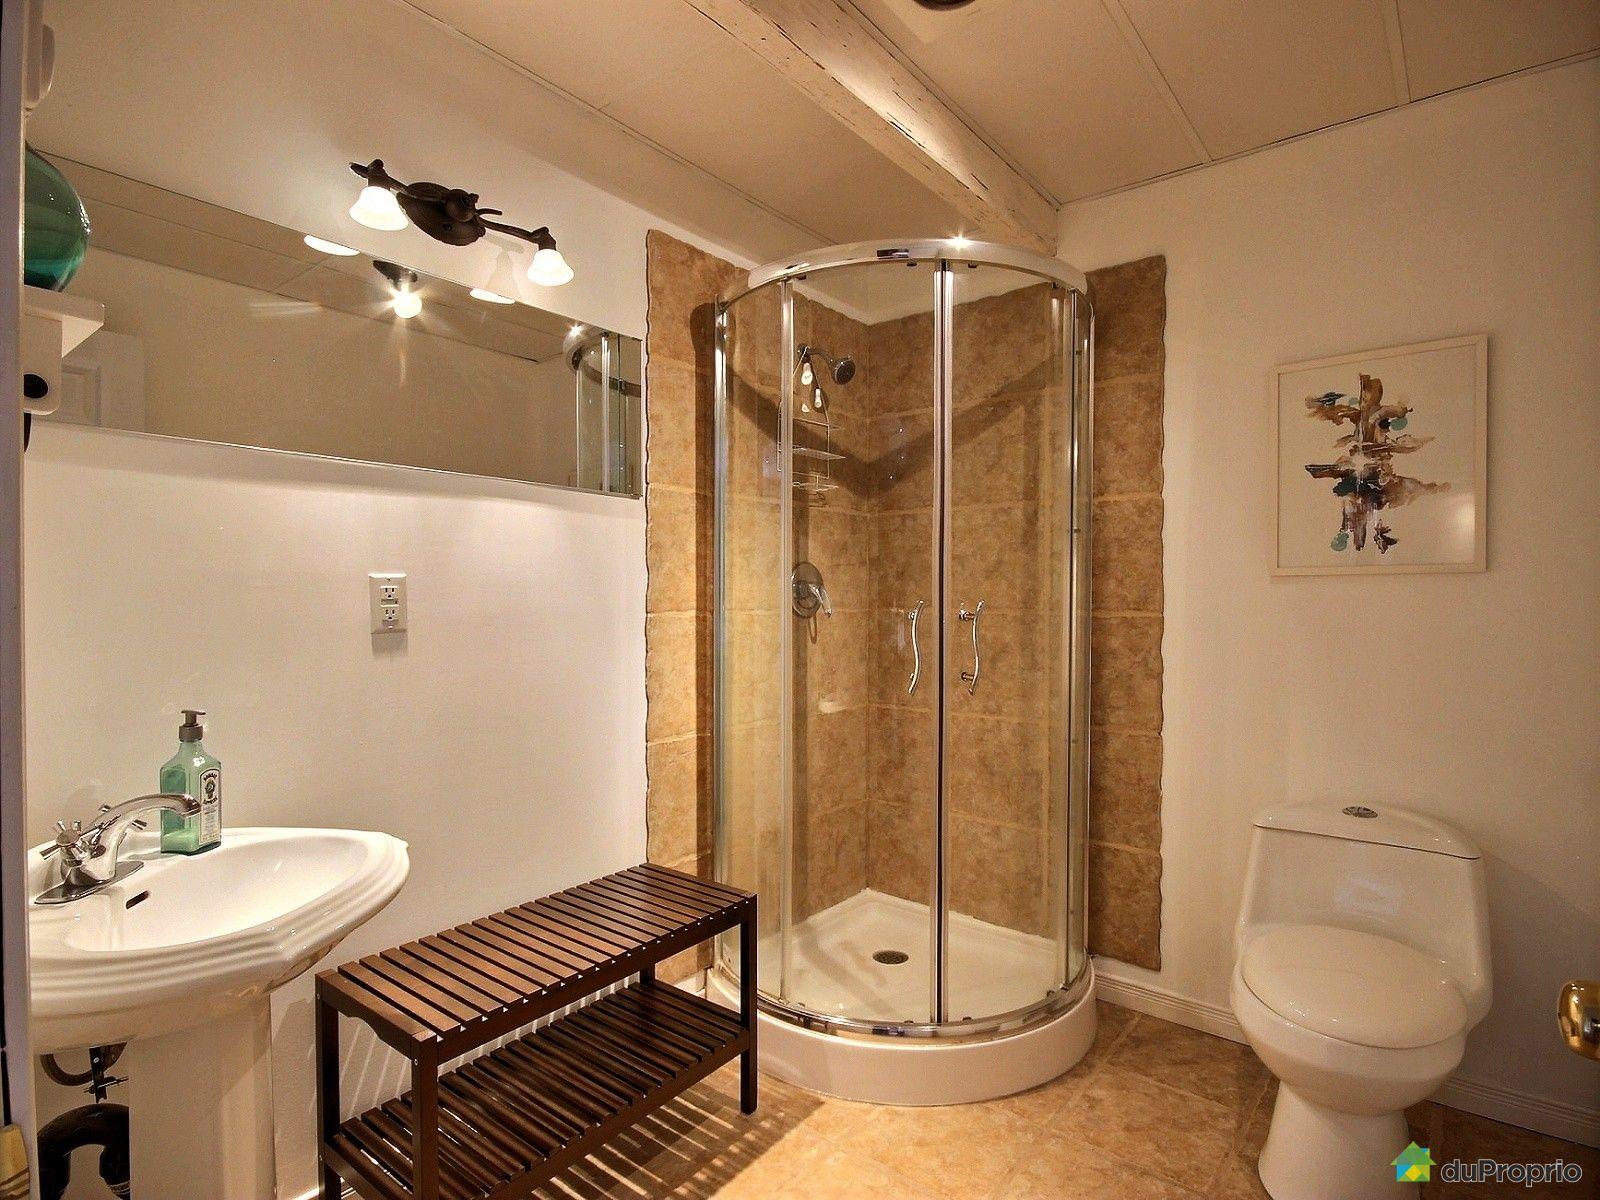 Maison vendre lac st charles 1217 rue de l 39 osier for Prix salle de bain sous sol